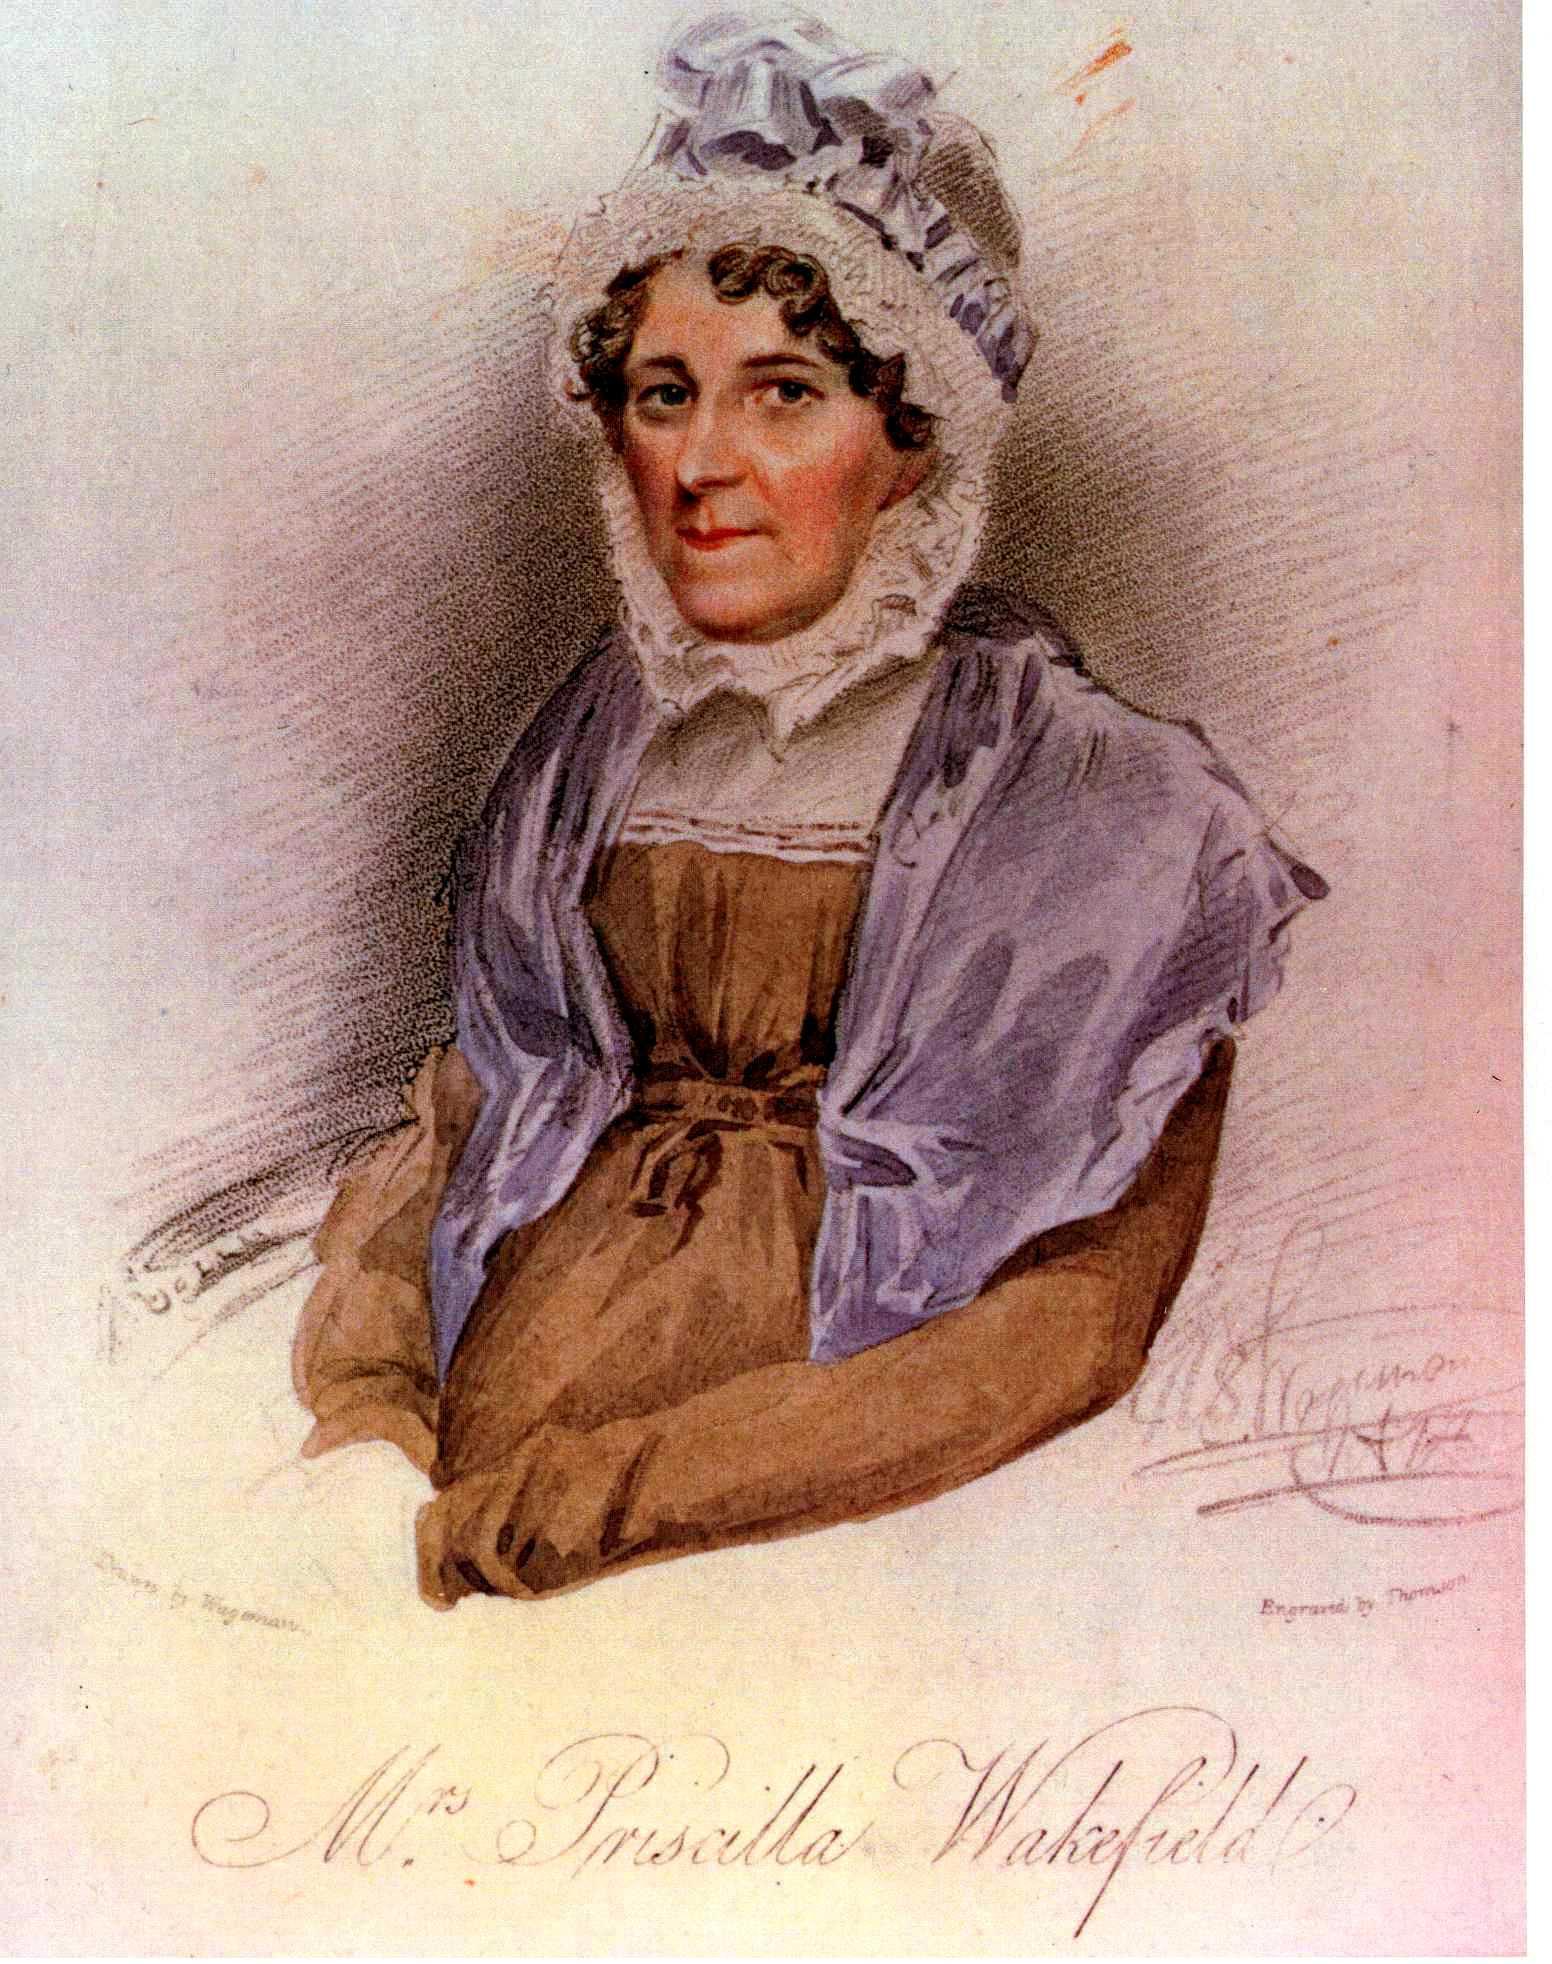 Priscilla Wakefield, Quaker, feminist and activist